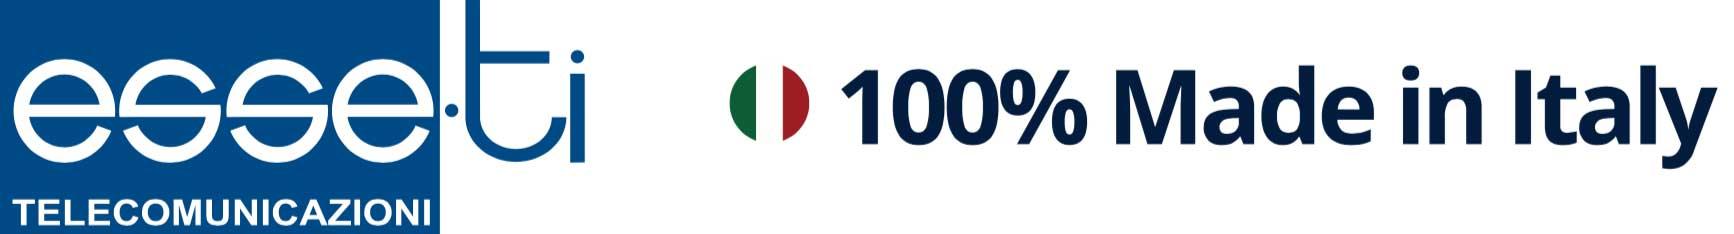 logo Esse-ti, comunicazione made in italy